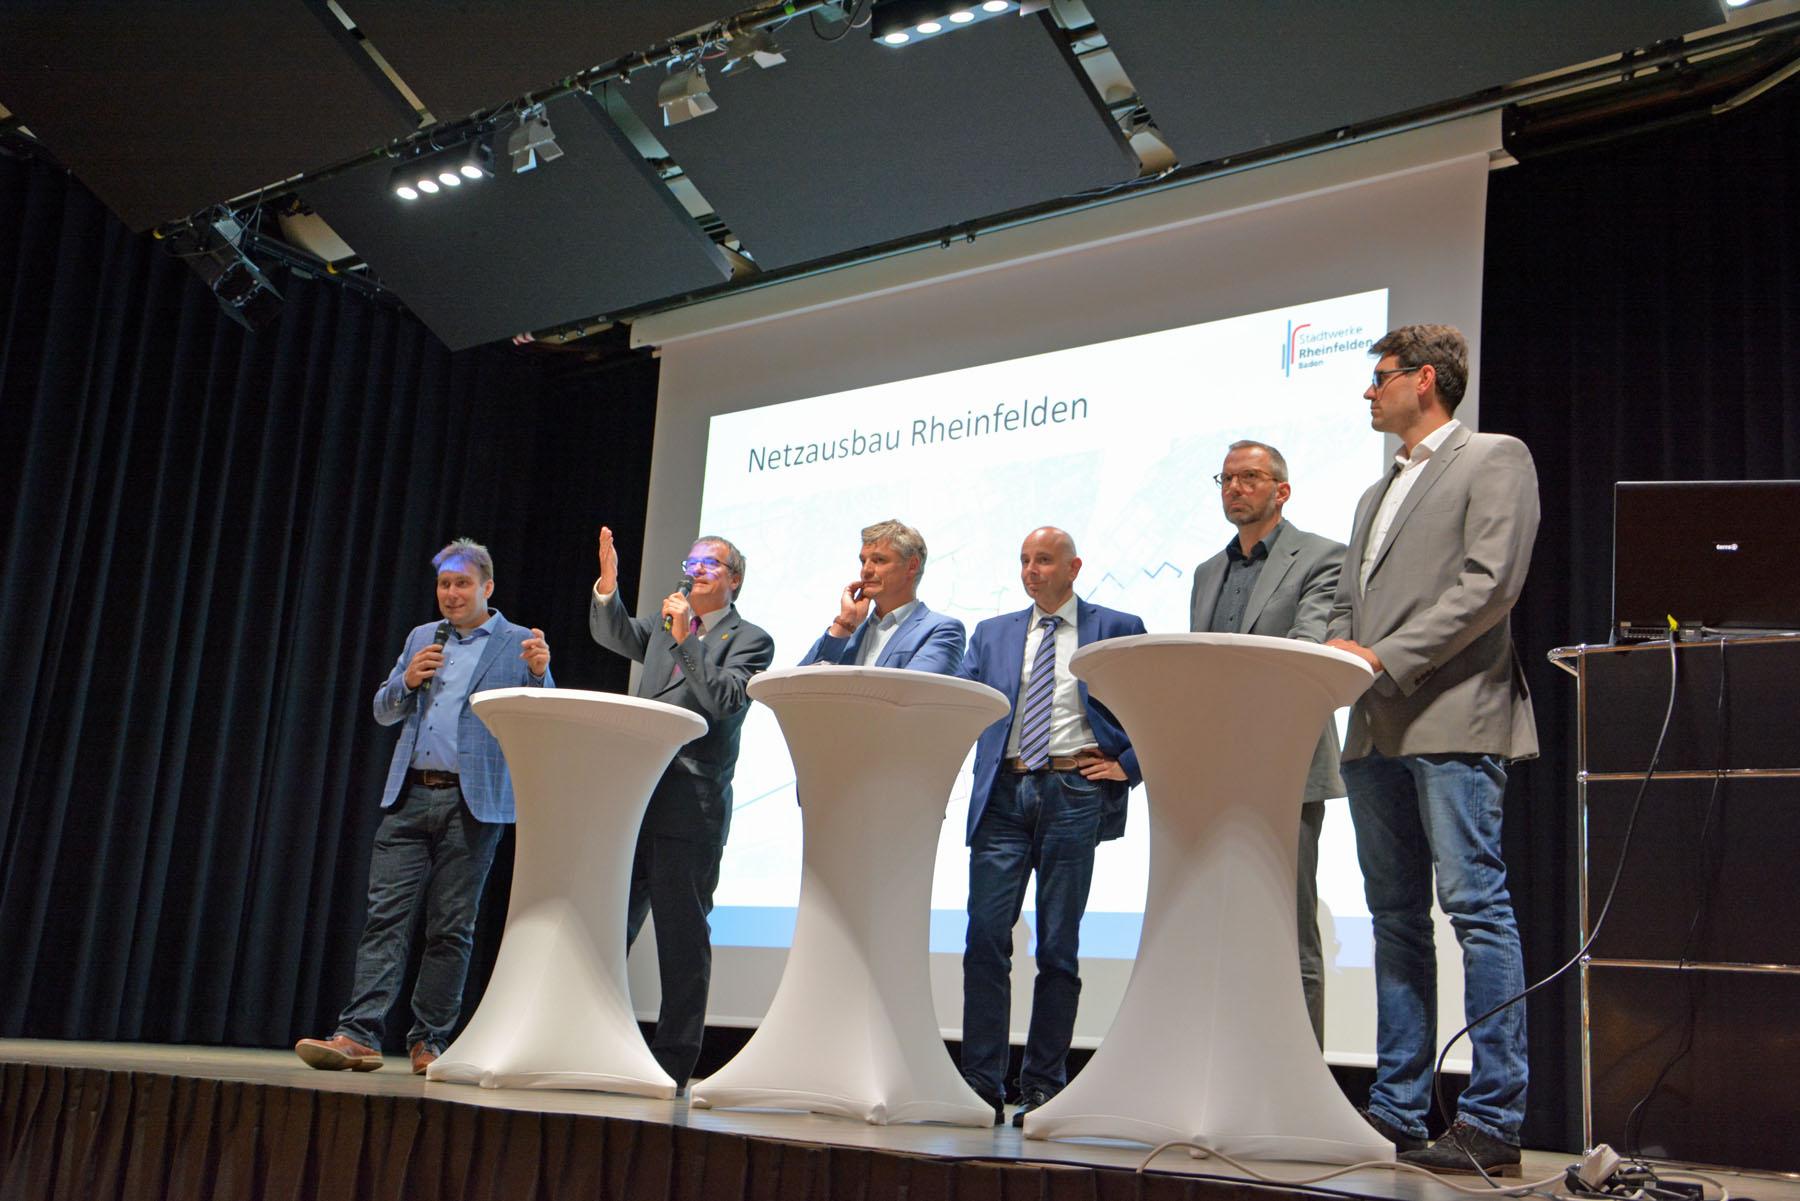 Stellen sich den Fragen der Bürger (von links): Dr. Daniel Weiß, Moderator Oberbürgermeister Klaus Eberhardt, Rolf Pfeiffer, Tobias Obert, Dr. Olaf Breuer und Paul Kempf.